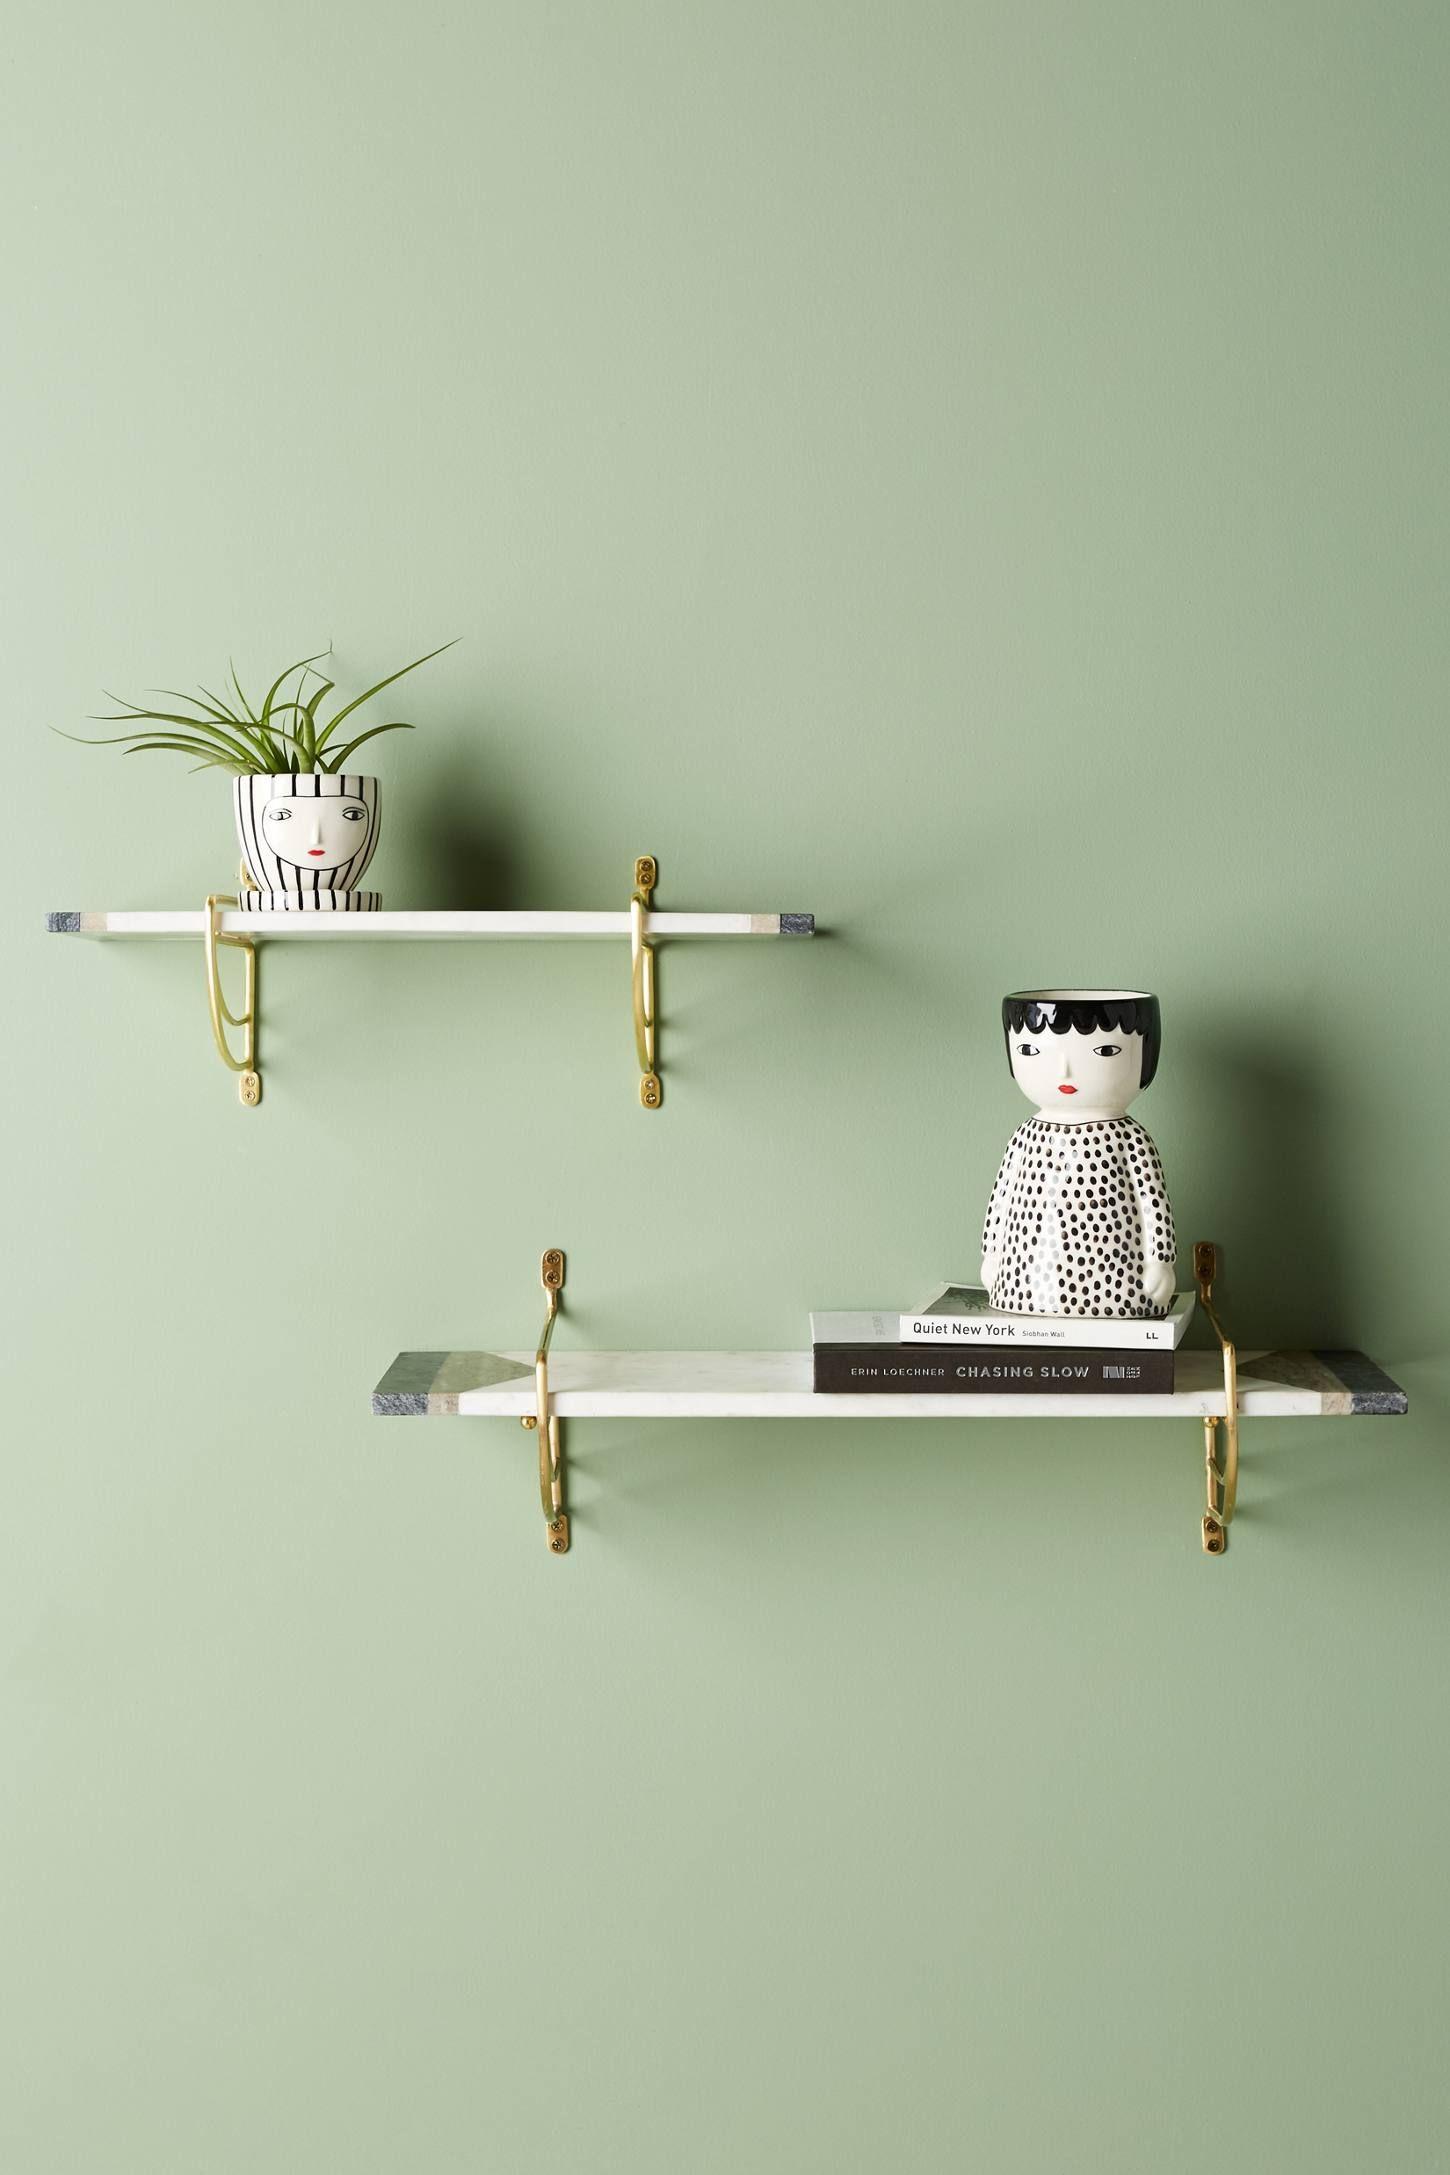 Marble Geo Shelf Shelves, Minimalist room, Floating shelves